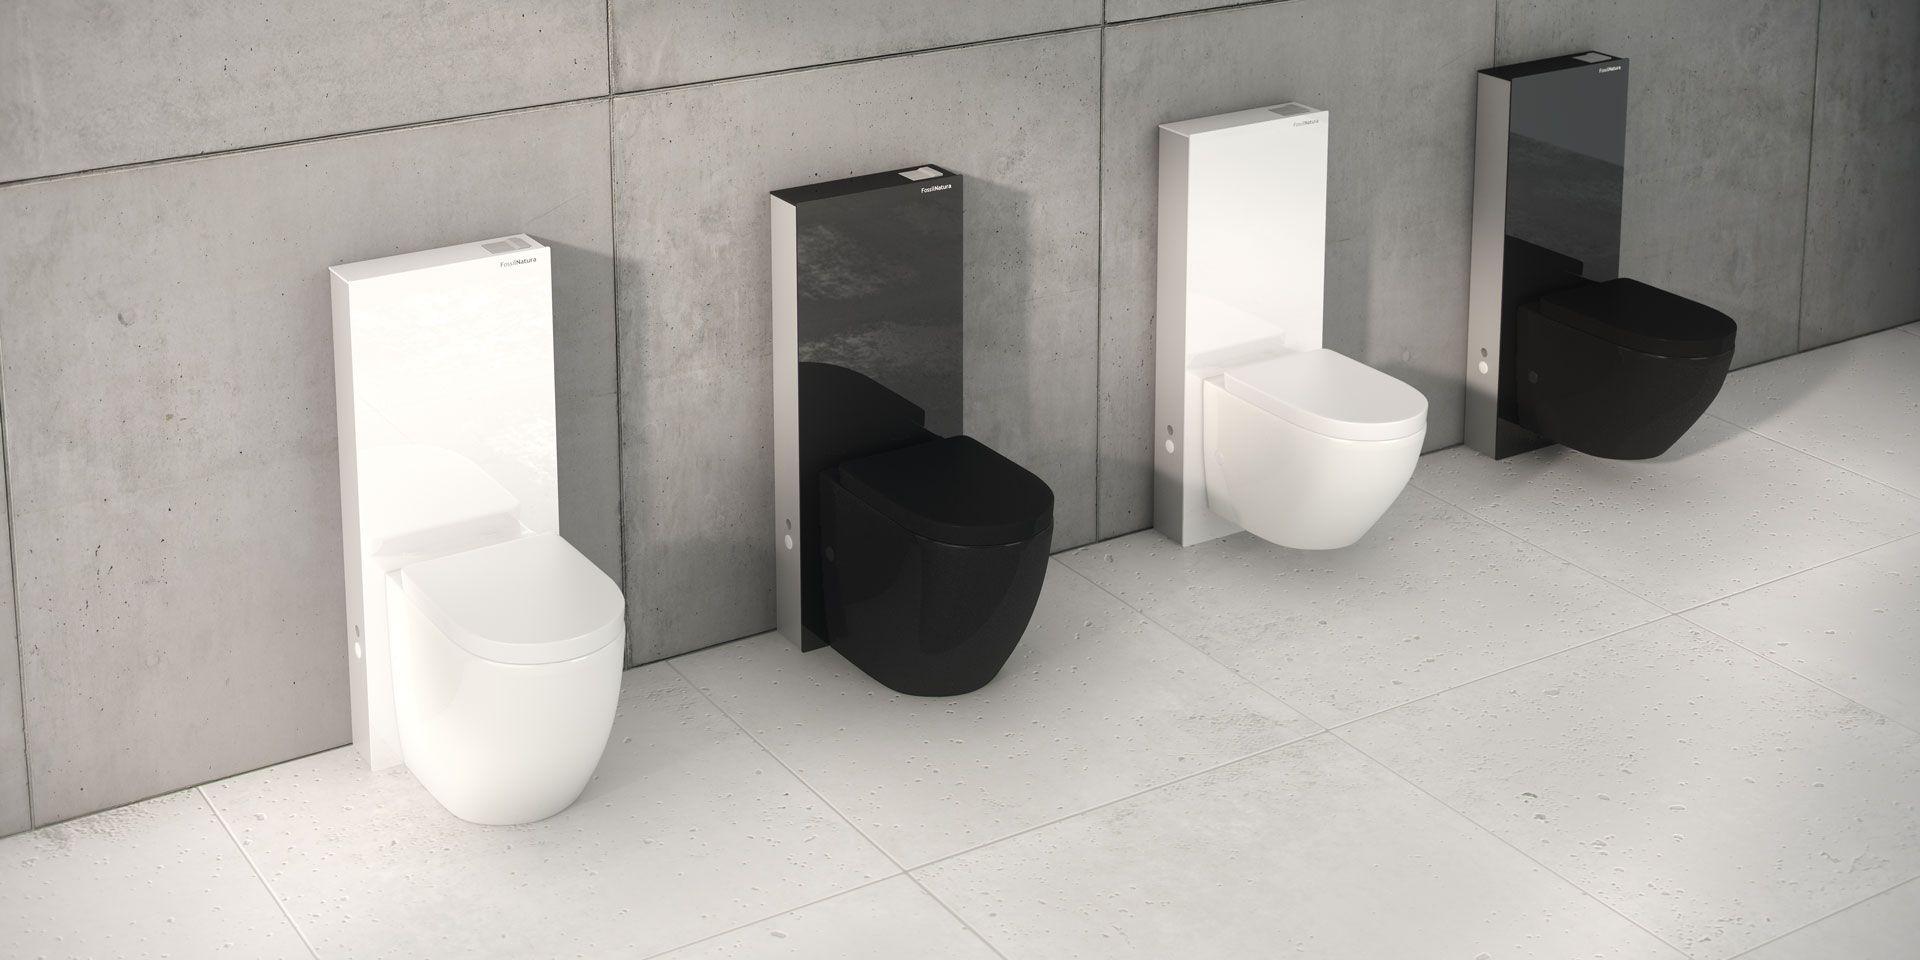 Diseño de baños: blanco o negro, tendencias actuales